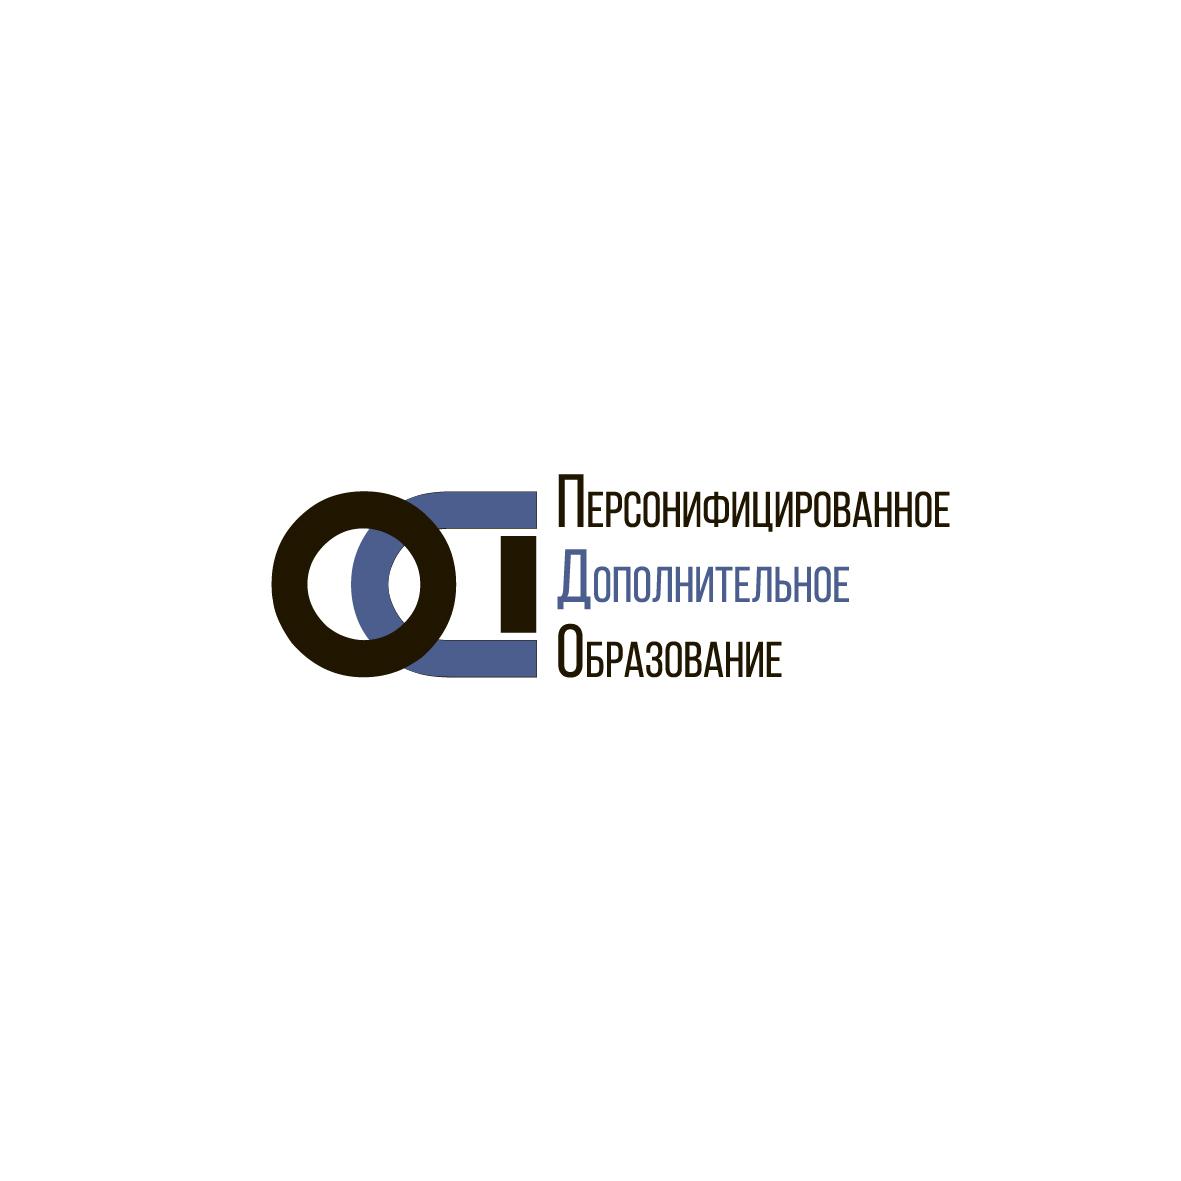 Логотип для интернет-портала фото f_7835a4415922942b.jpg